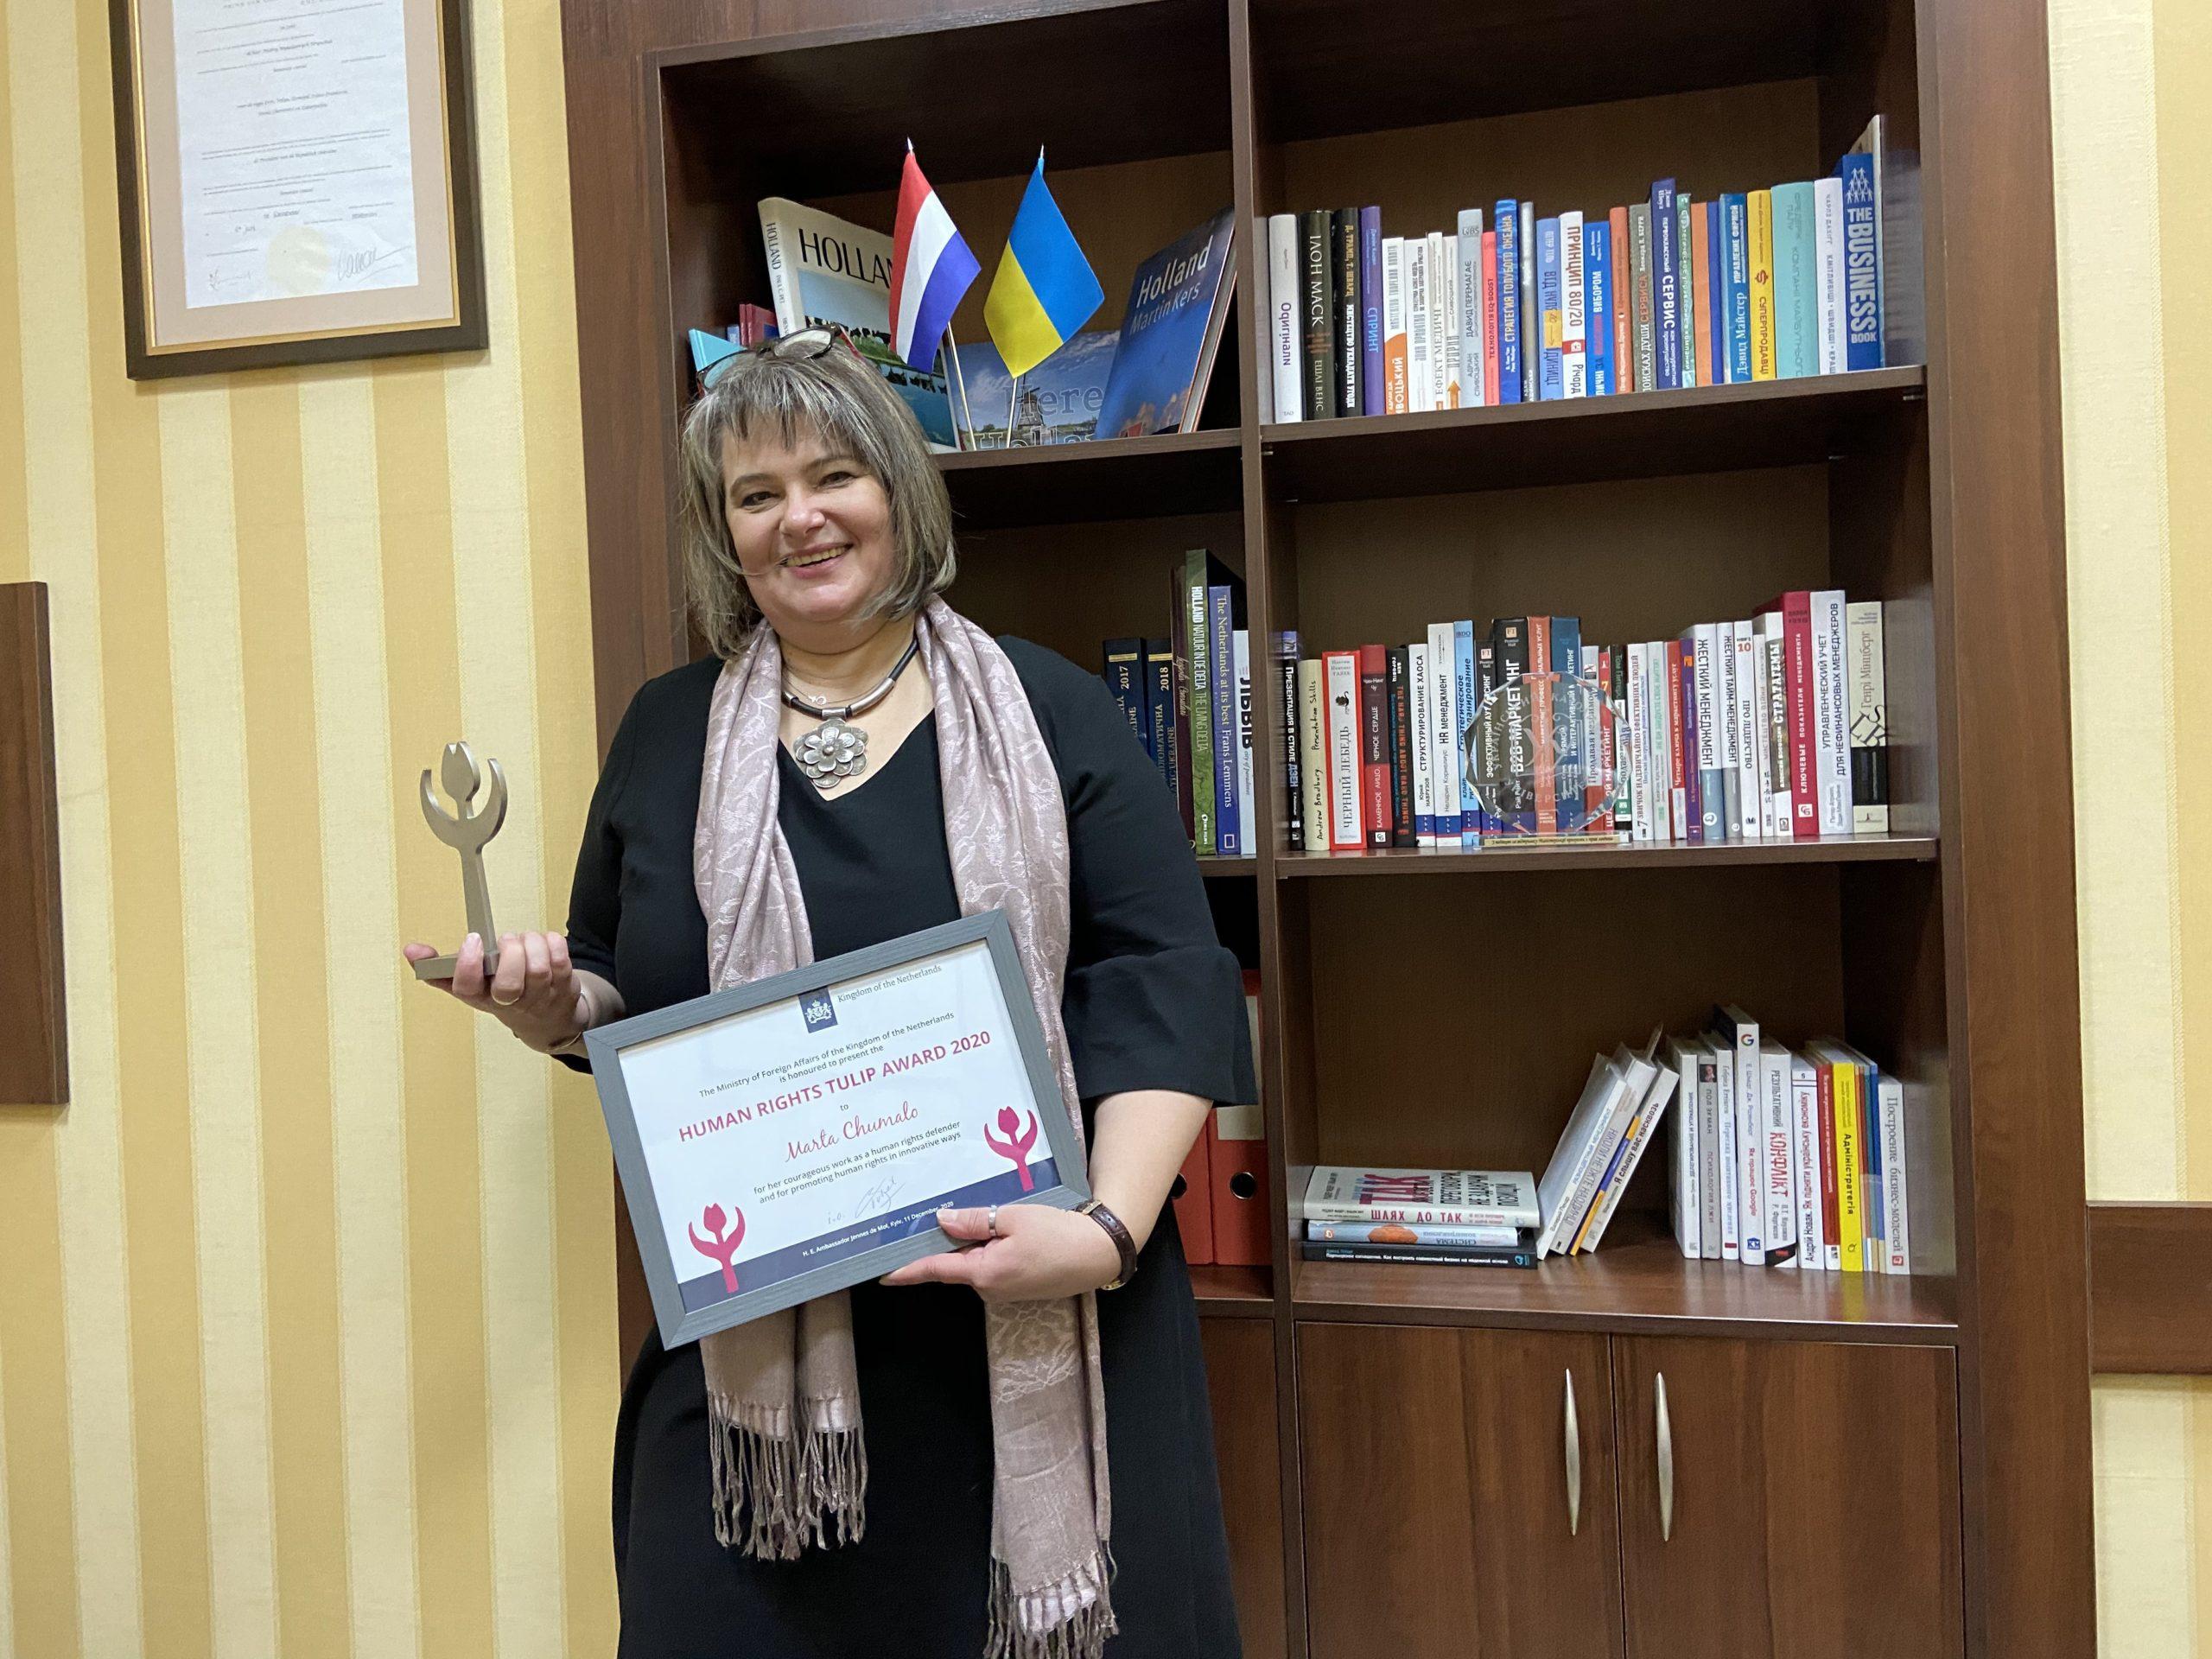 Українські правозахисниці отримали премію від посольства Нідерландів